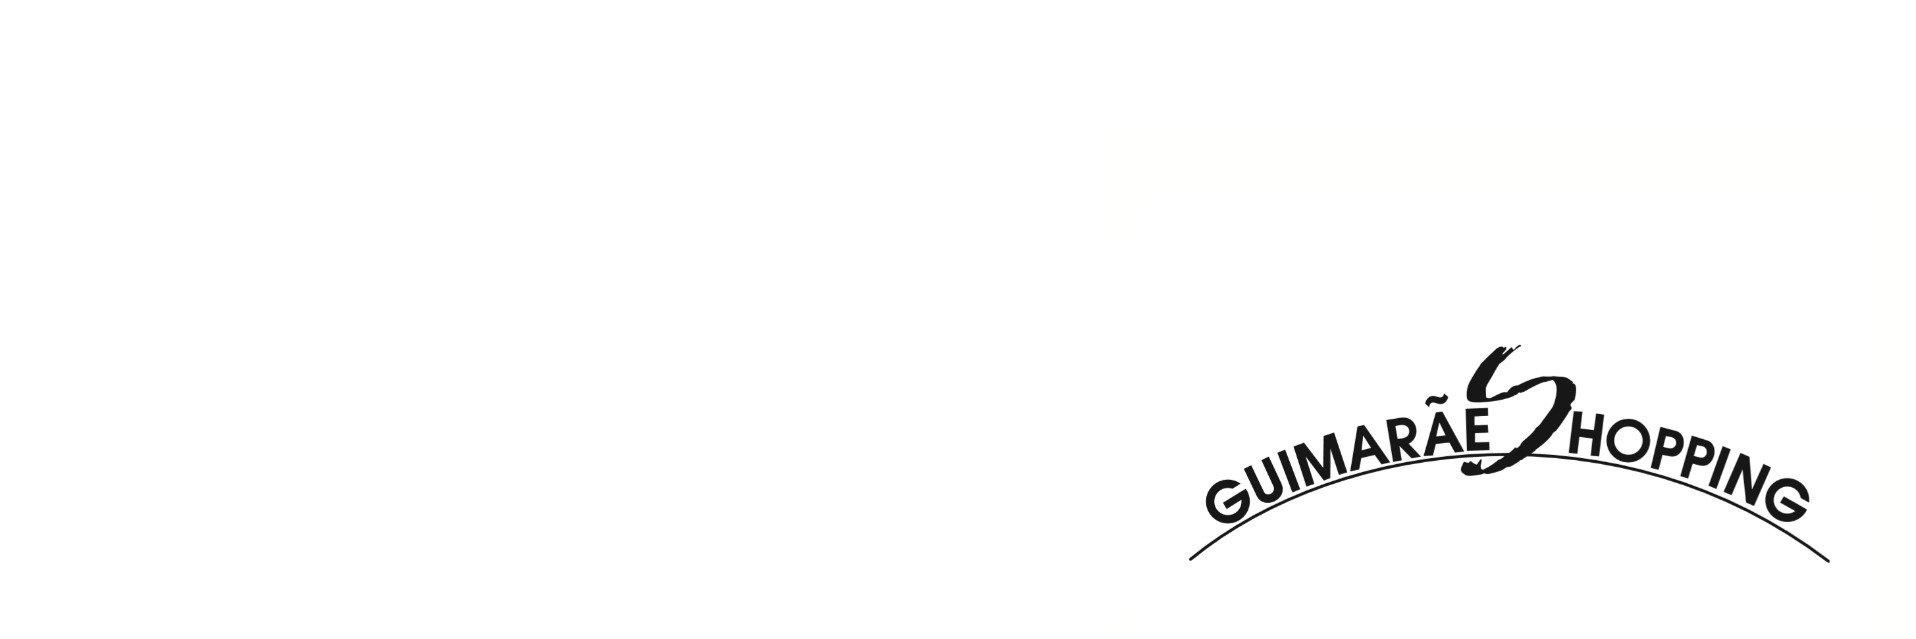 GuimarãeShopping lança campanha de apoio à Rede de Emergência Alimentar